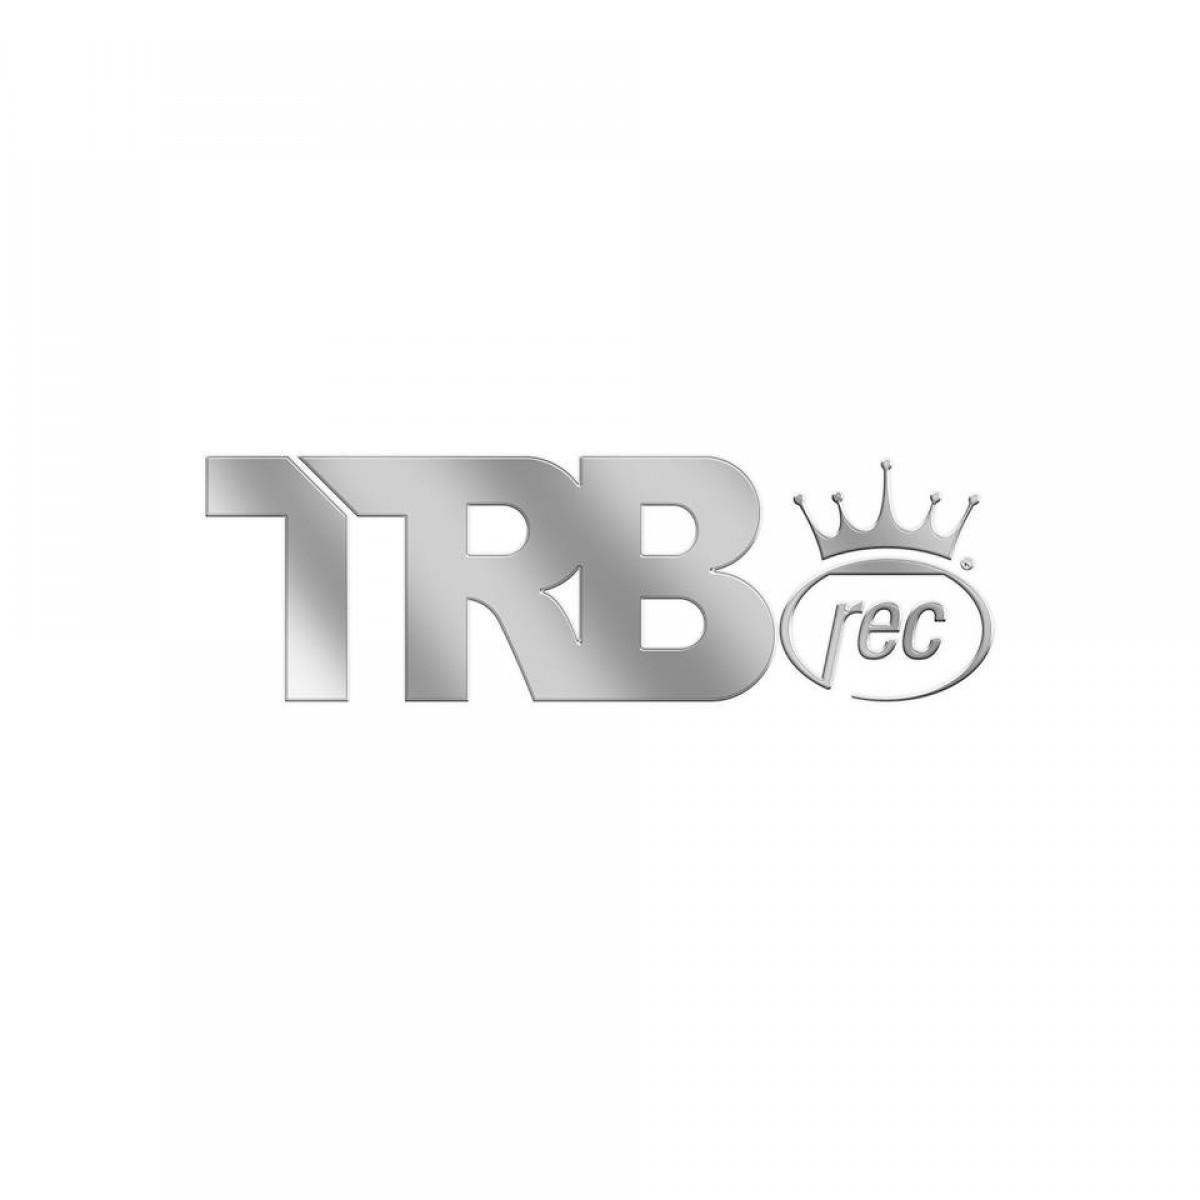 TRB rec